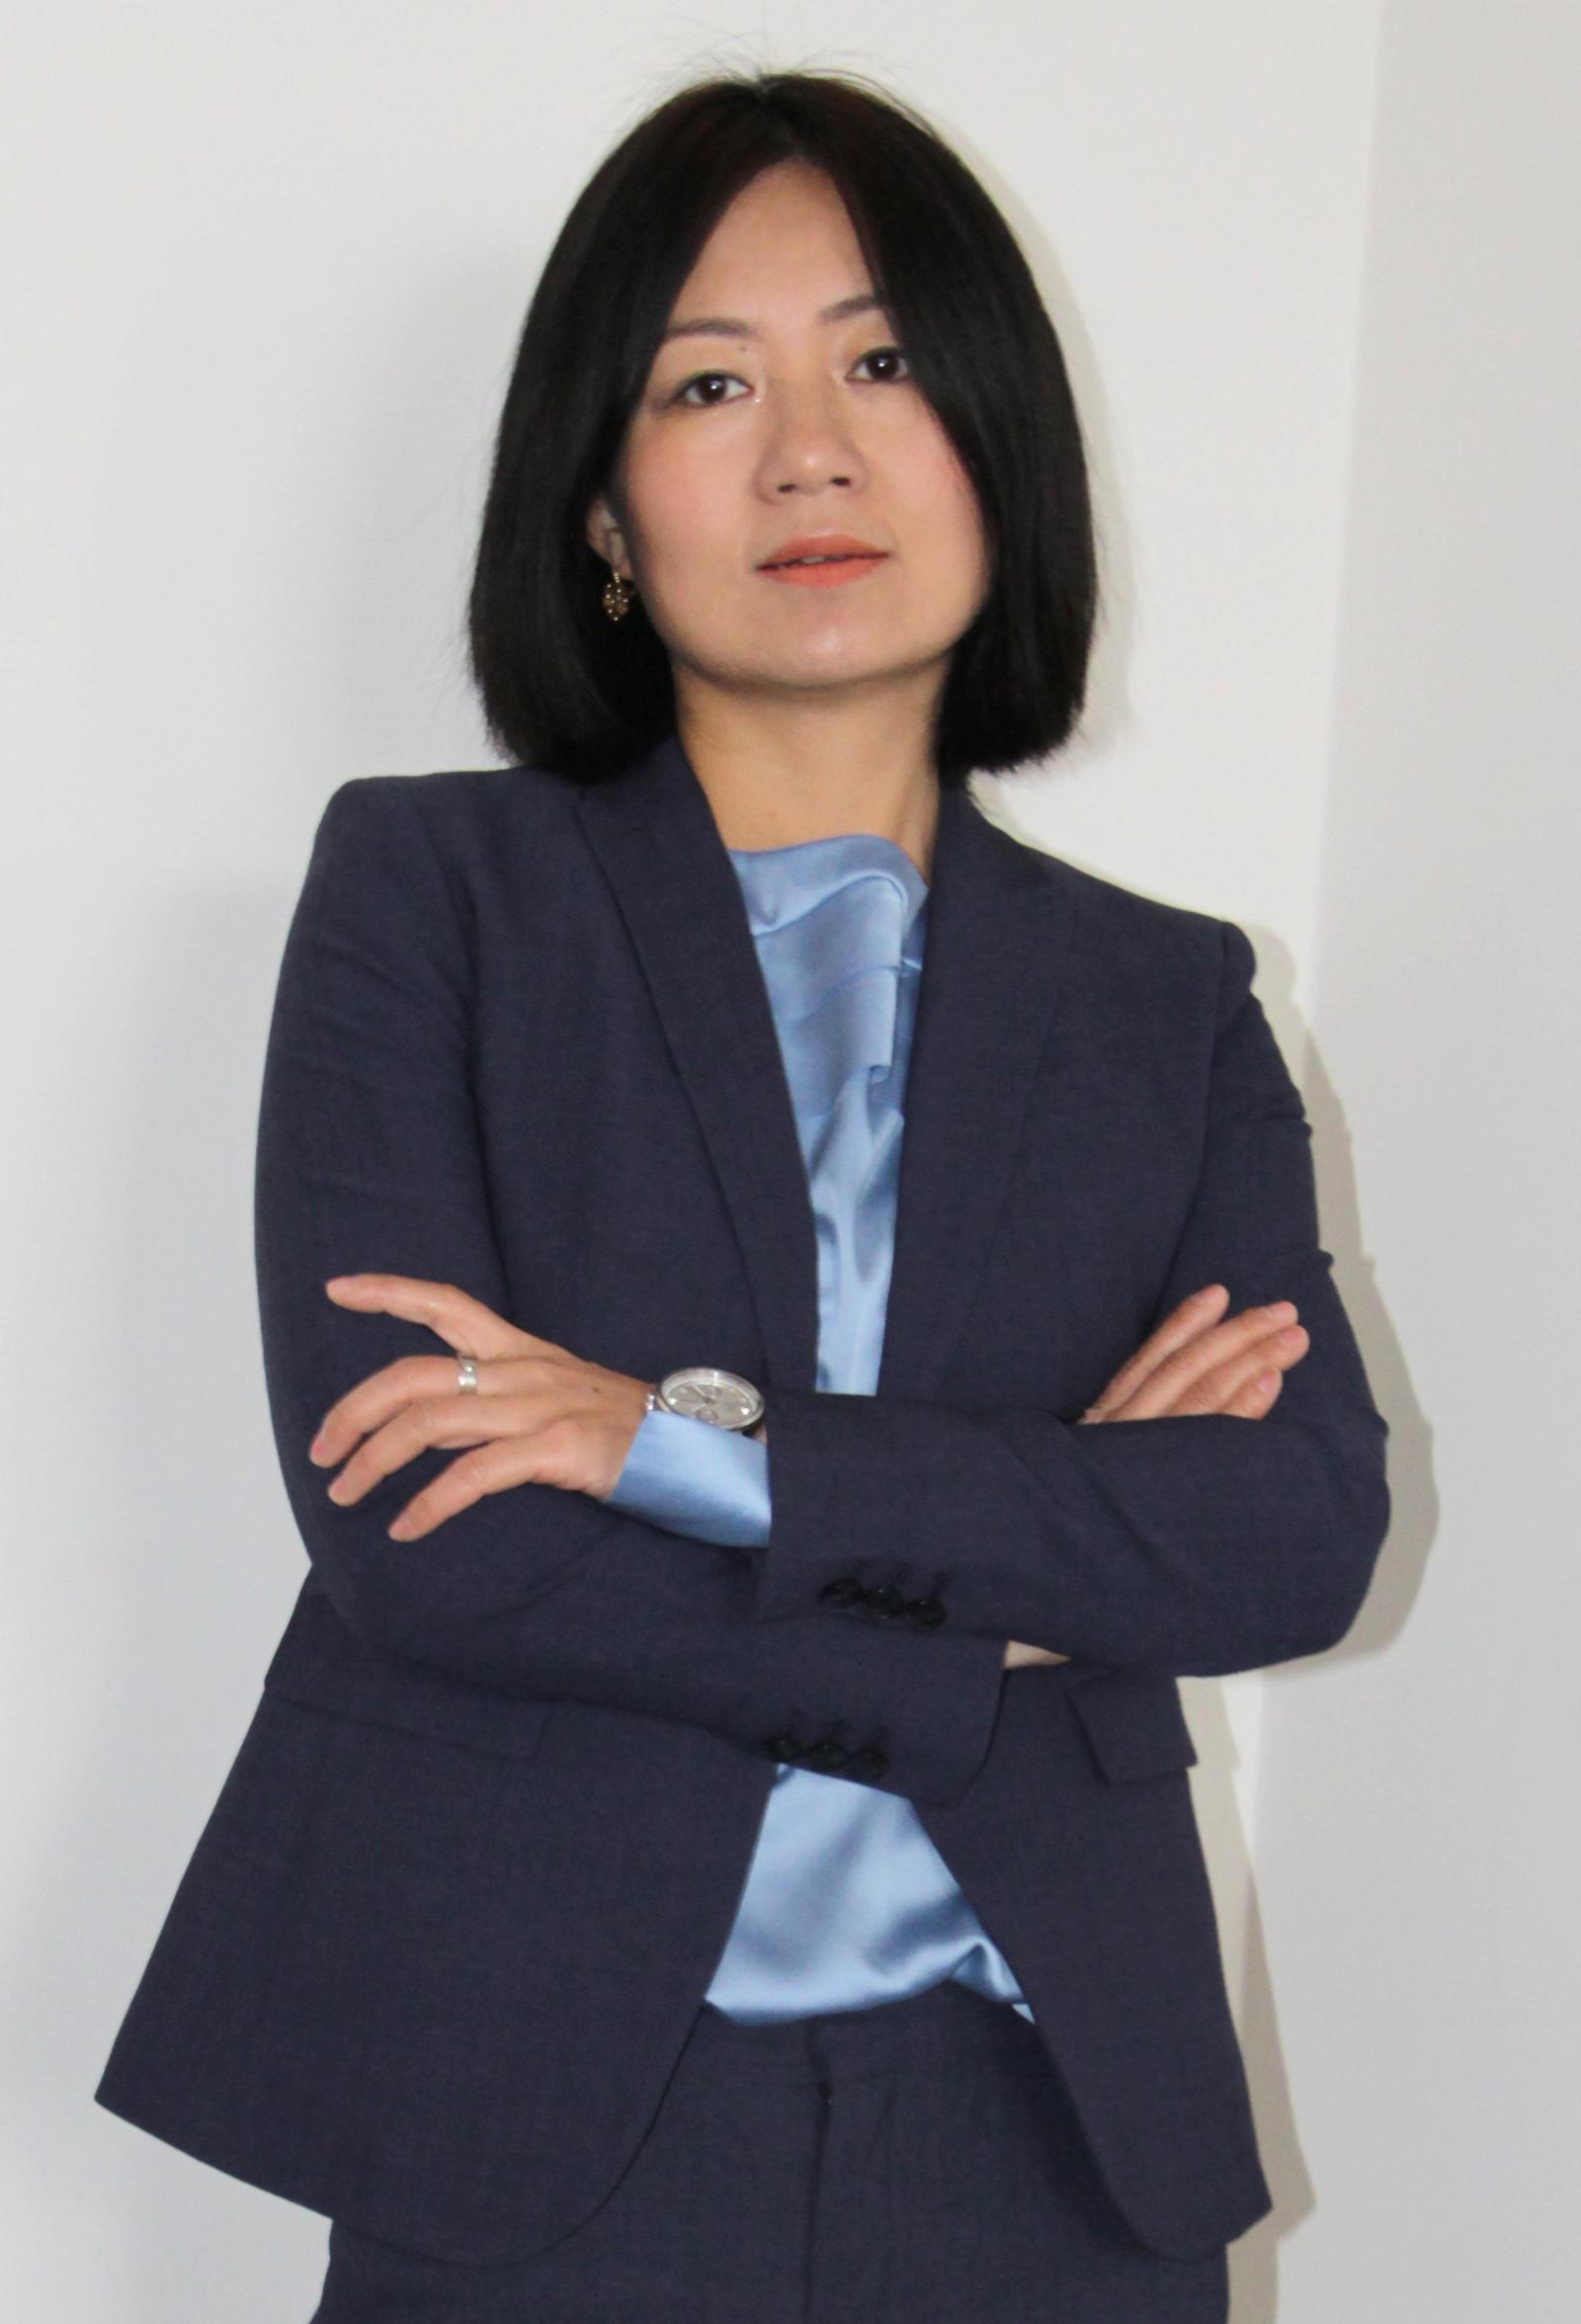 Xingxia Hao